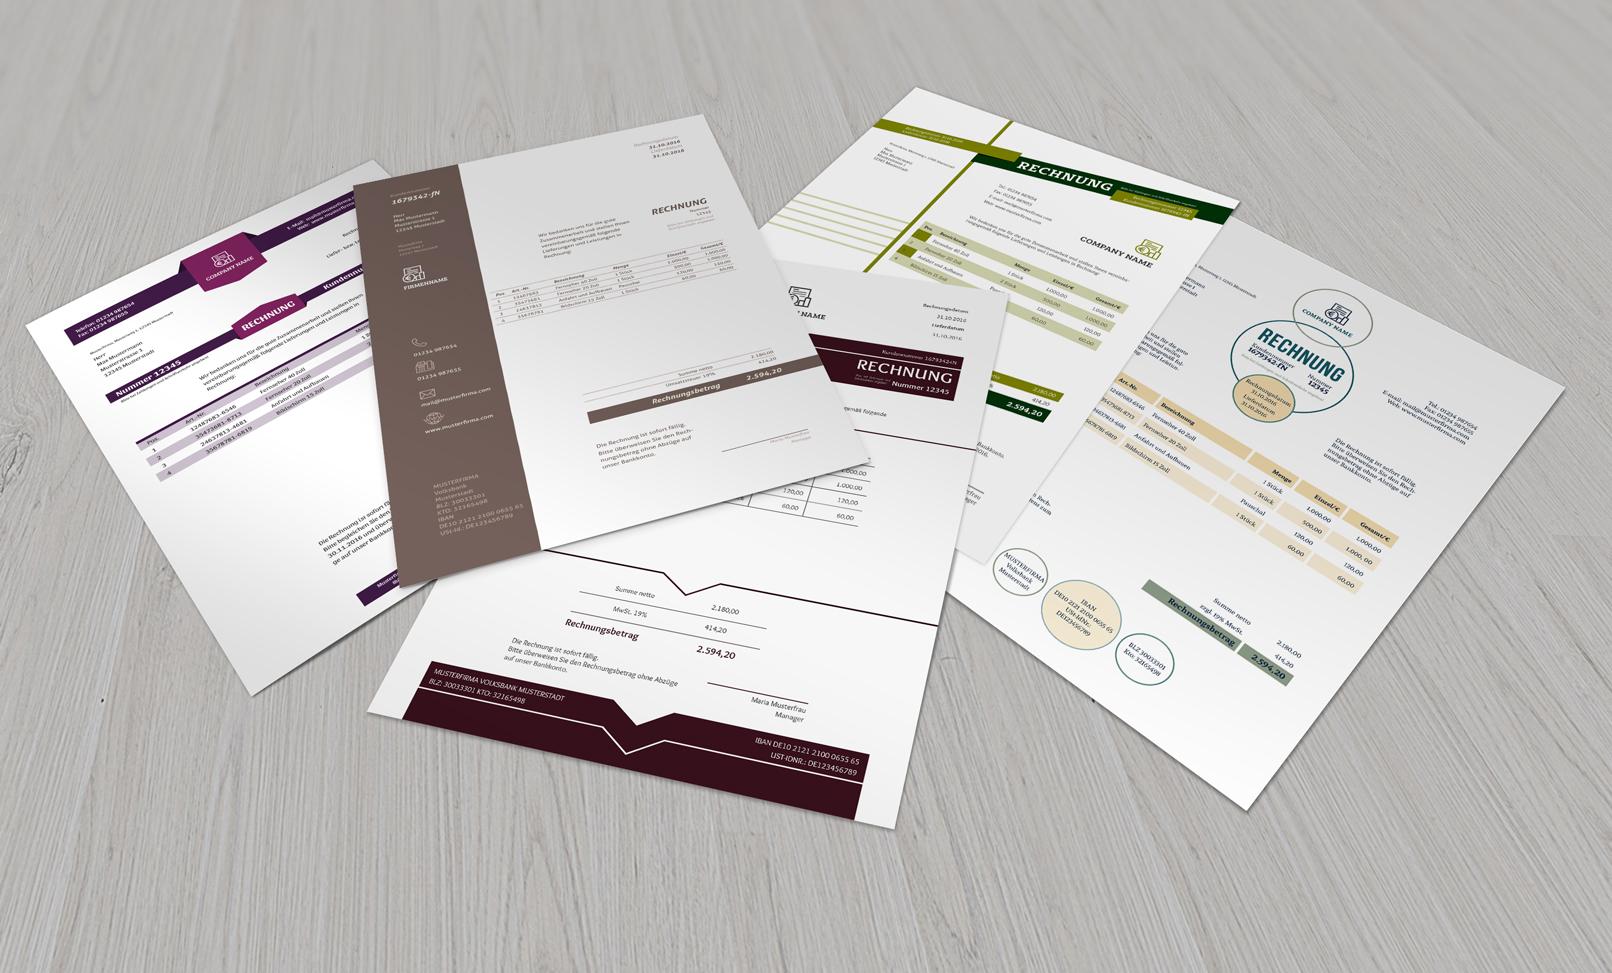 Muster für Rechnungen, Lieferscheine und Angebote, die in dem Paket enthalten sind.